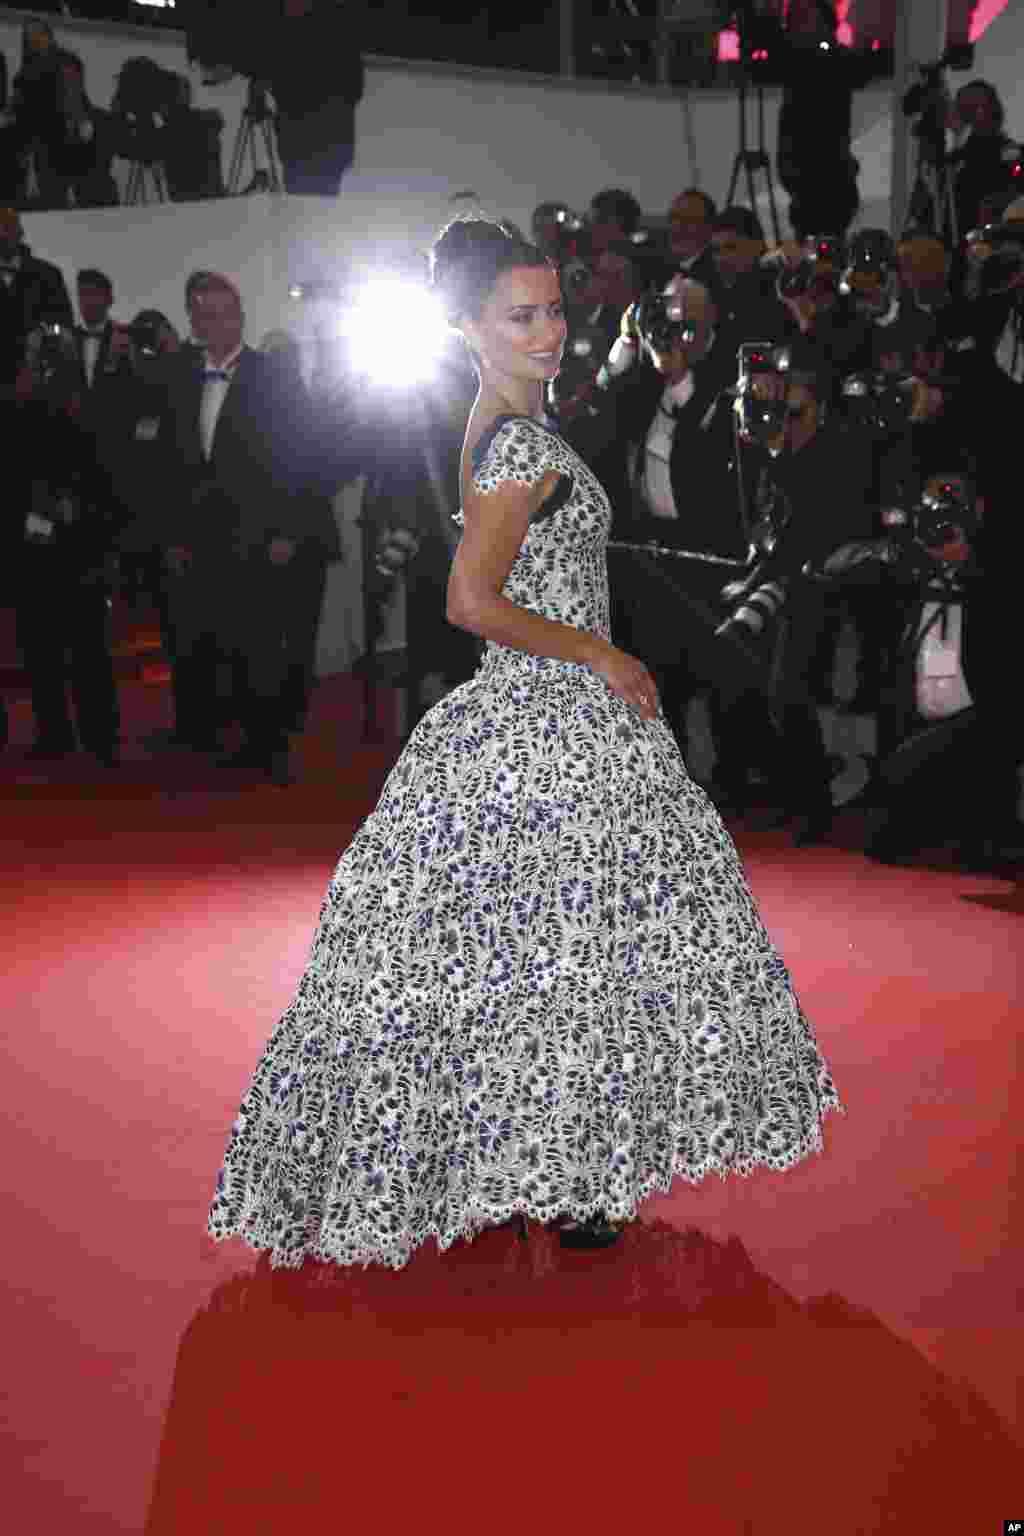 هفتاد و دومین جشنواره فیلم کن؛ پنه لوپه کروز، بازیگر فیلم «رنج و شکوه» در مراسم پیش از نمایش فیلم در مقابل دوربین ها ژست گرفته است.